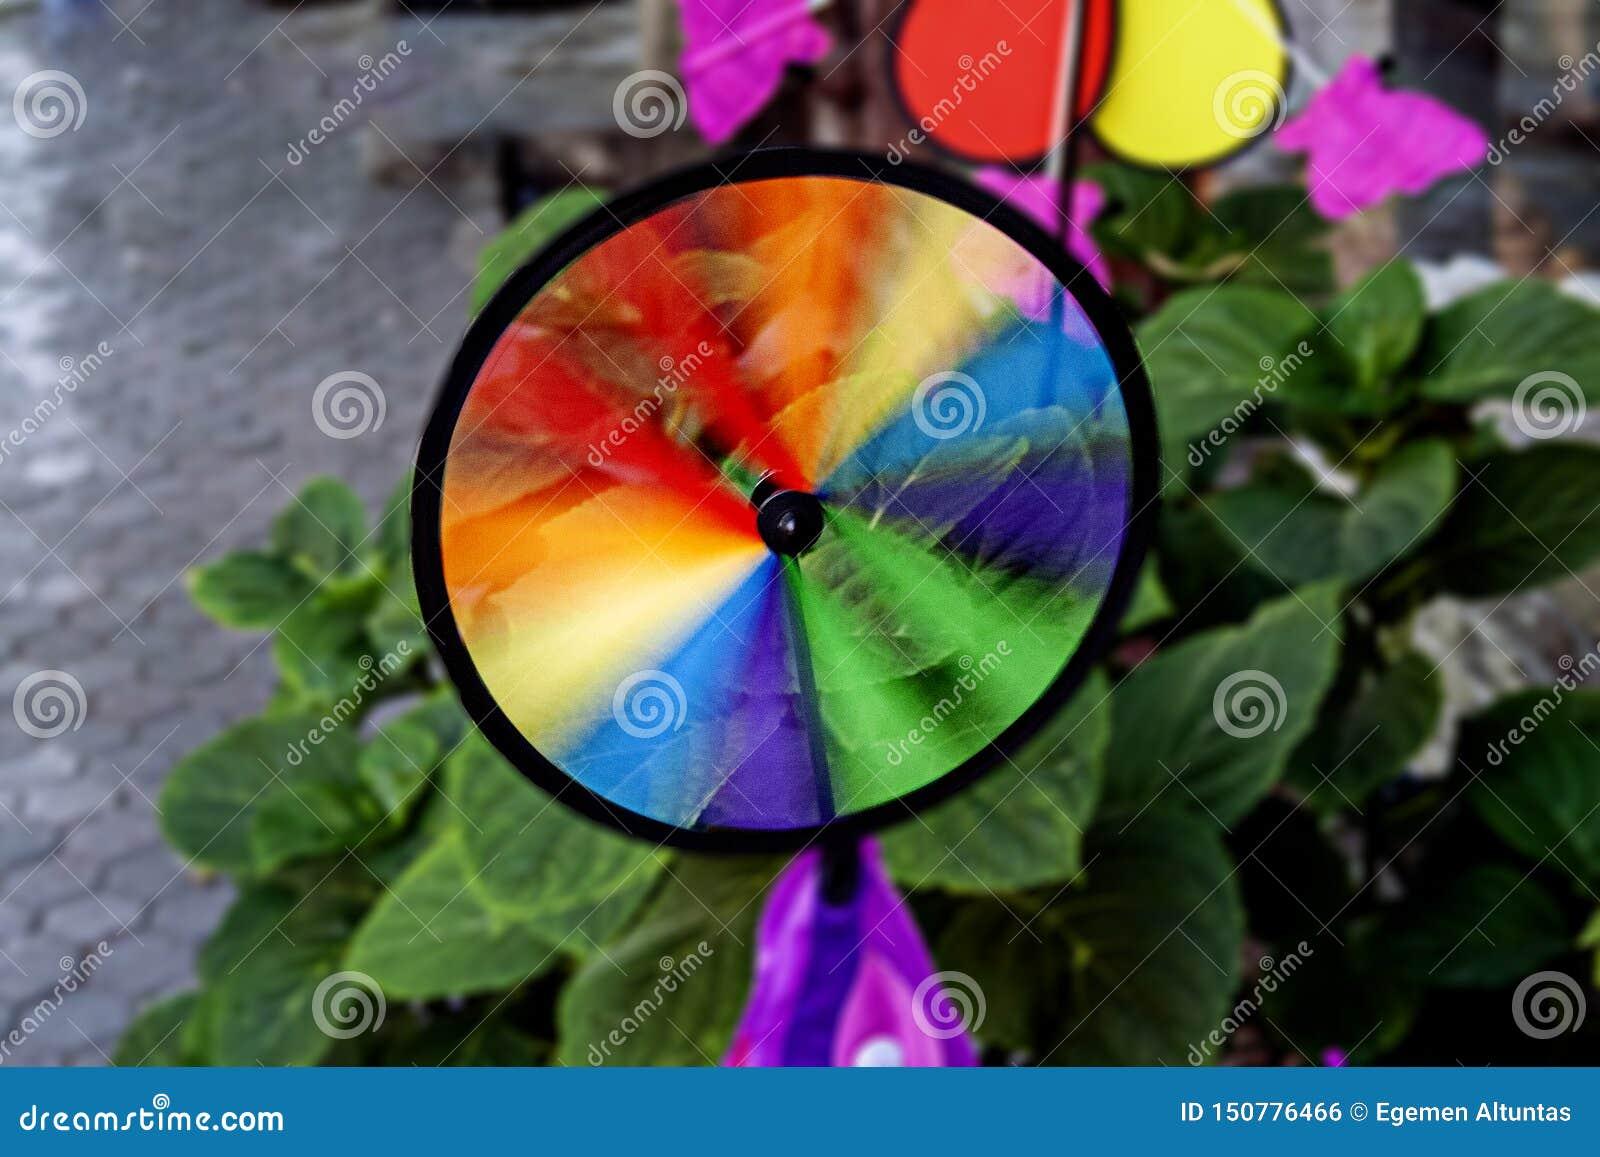 Buntes Regenbogen-Feuerrad